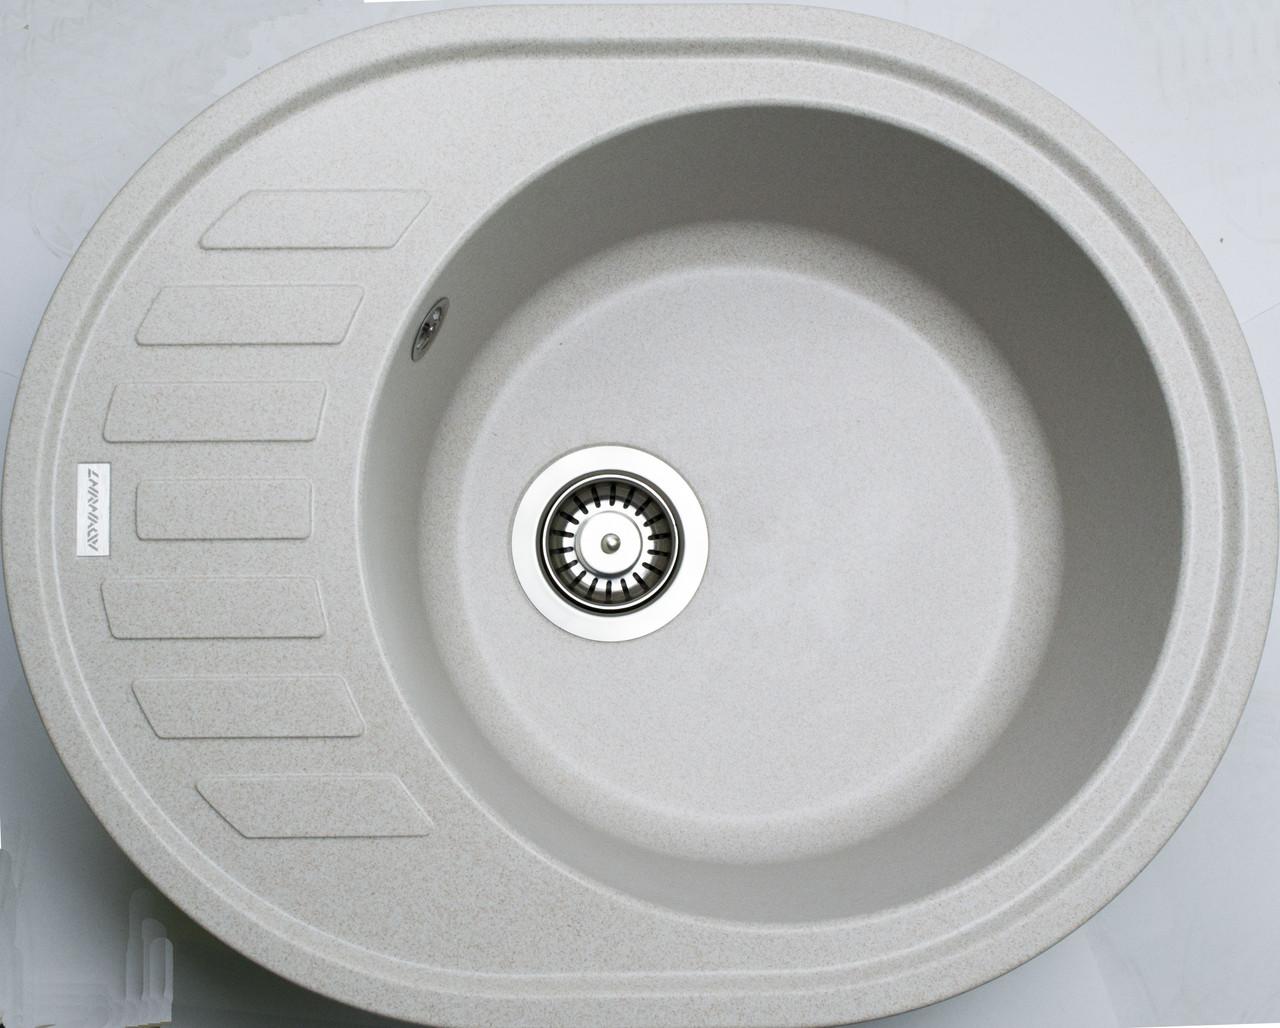 Гранитная кухонная мойка Adamant OVUM AVENA-06